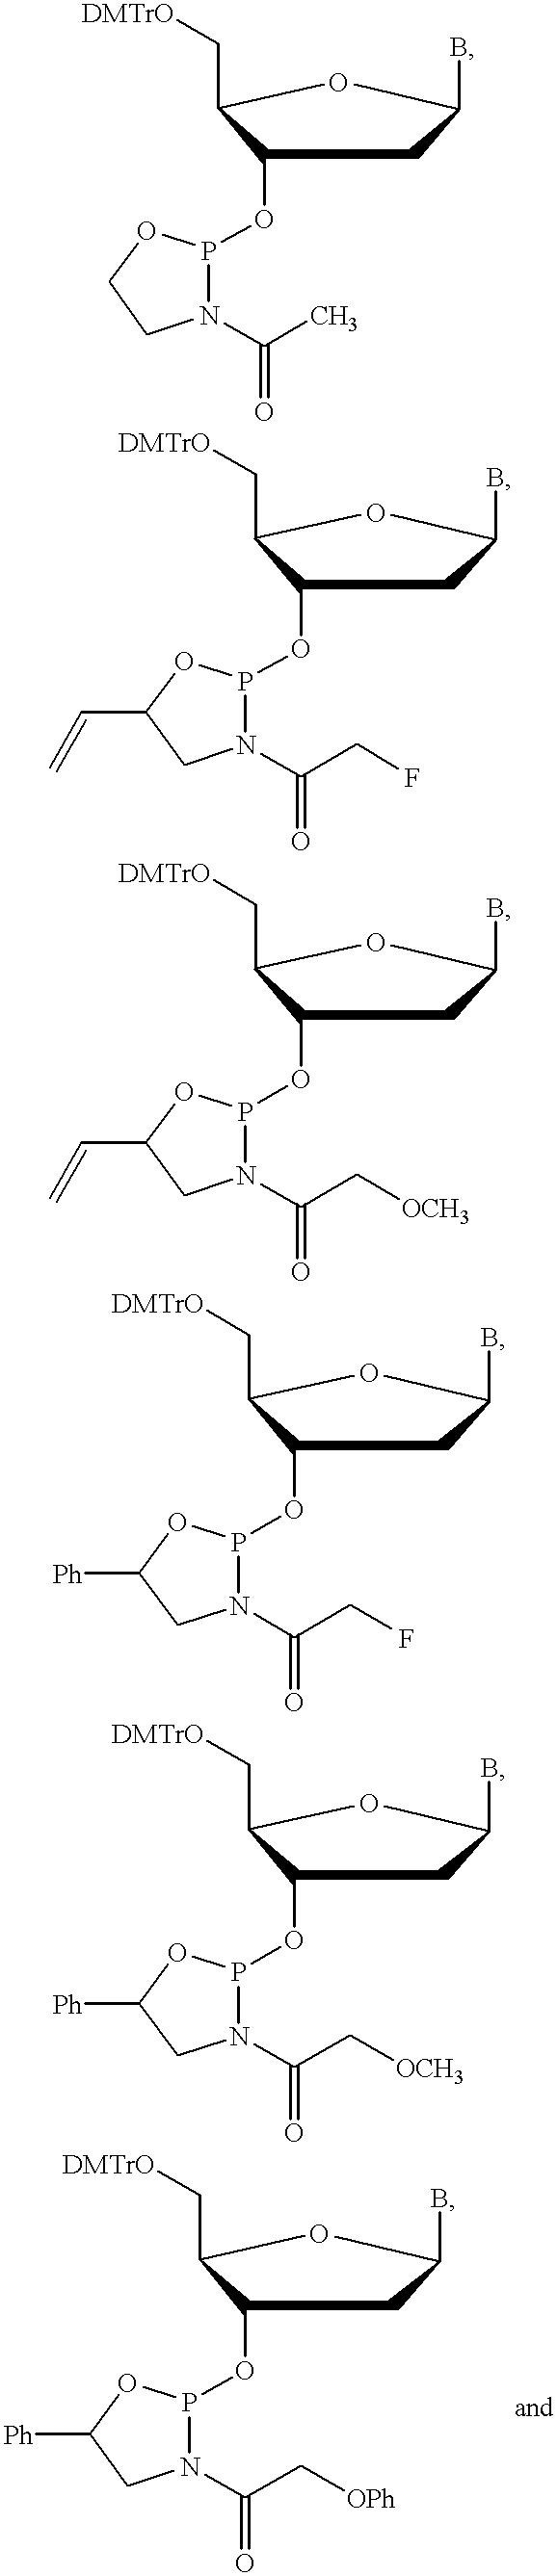 Figure US06762298-20040713-C00027